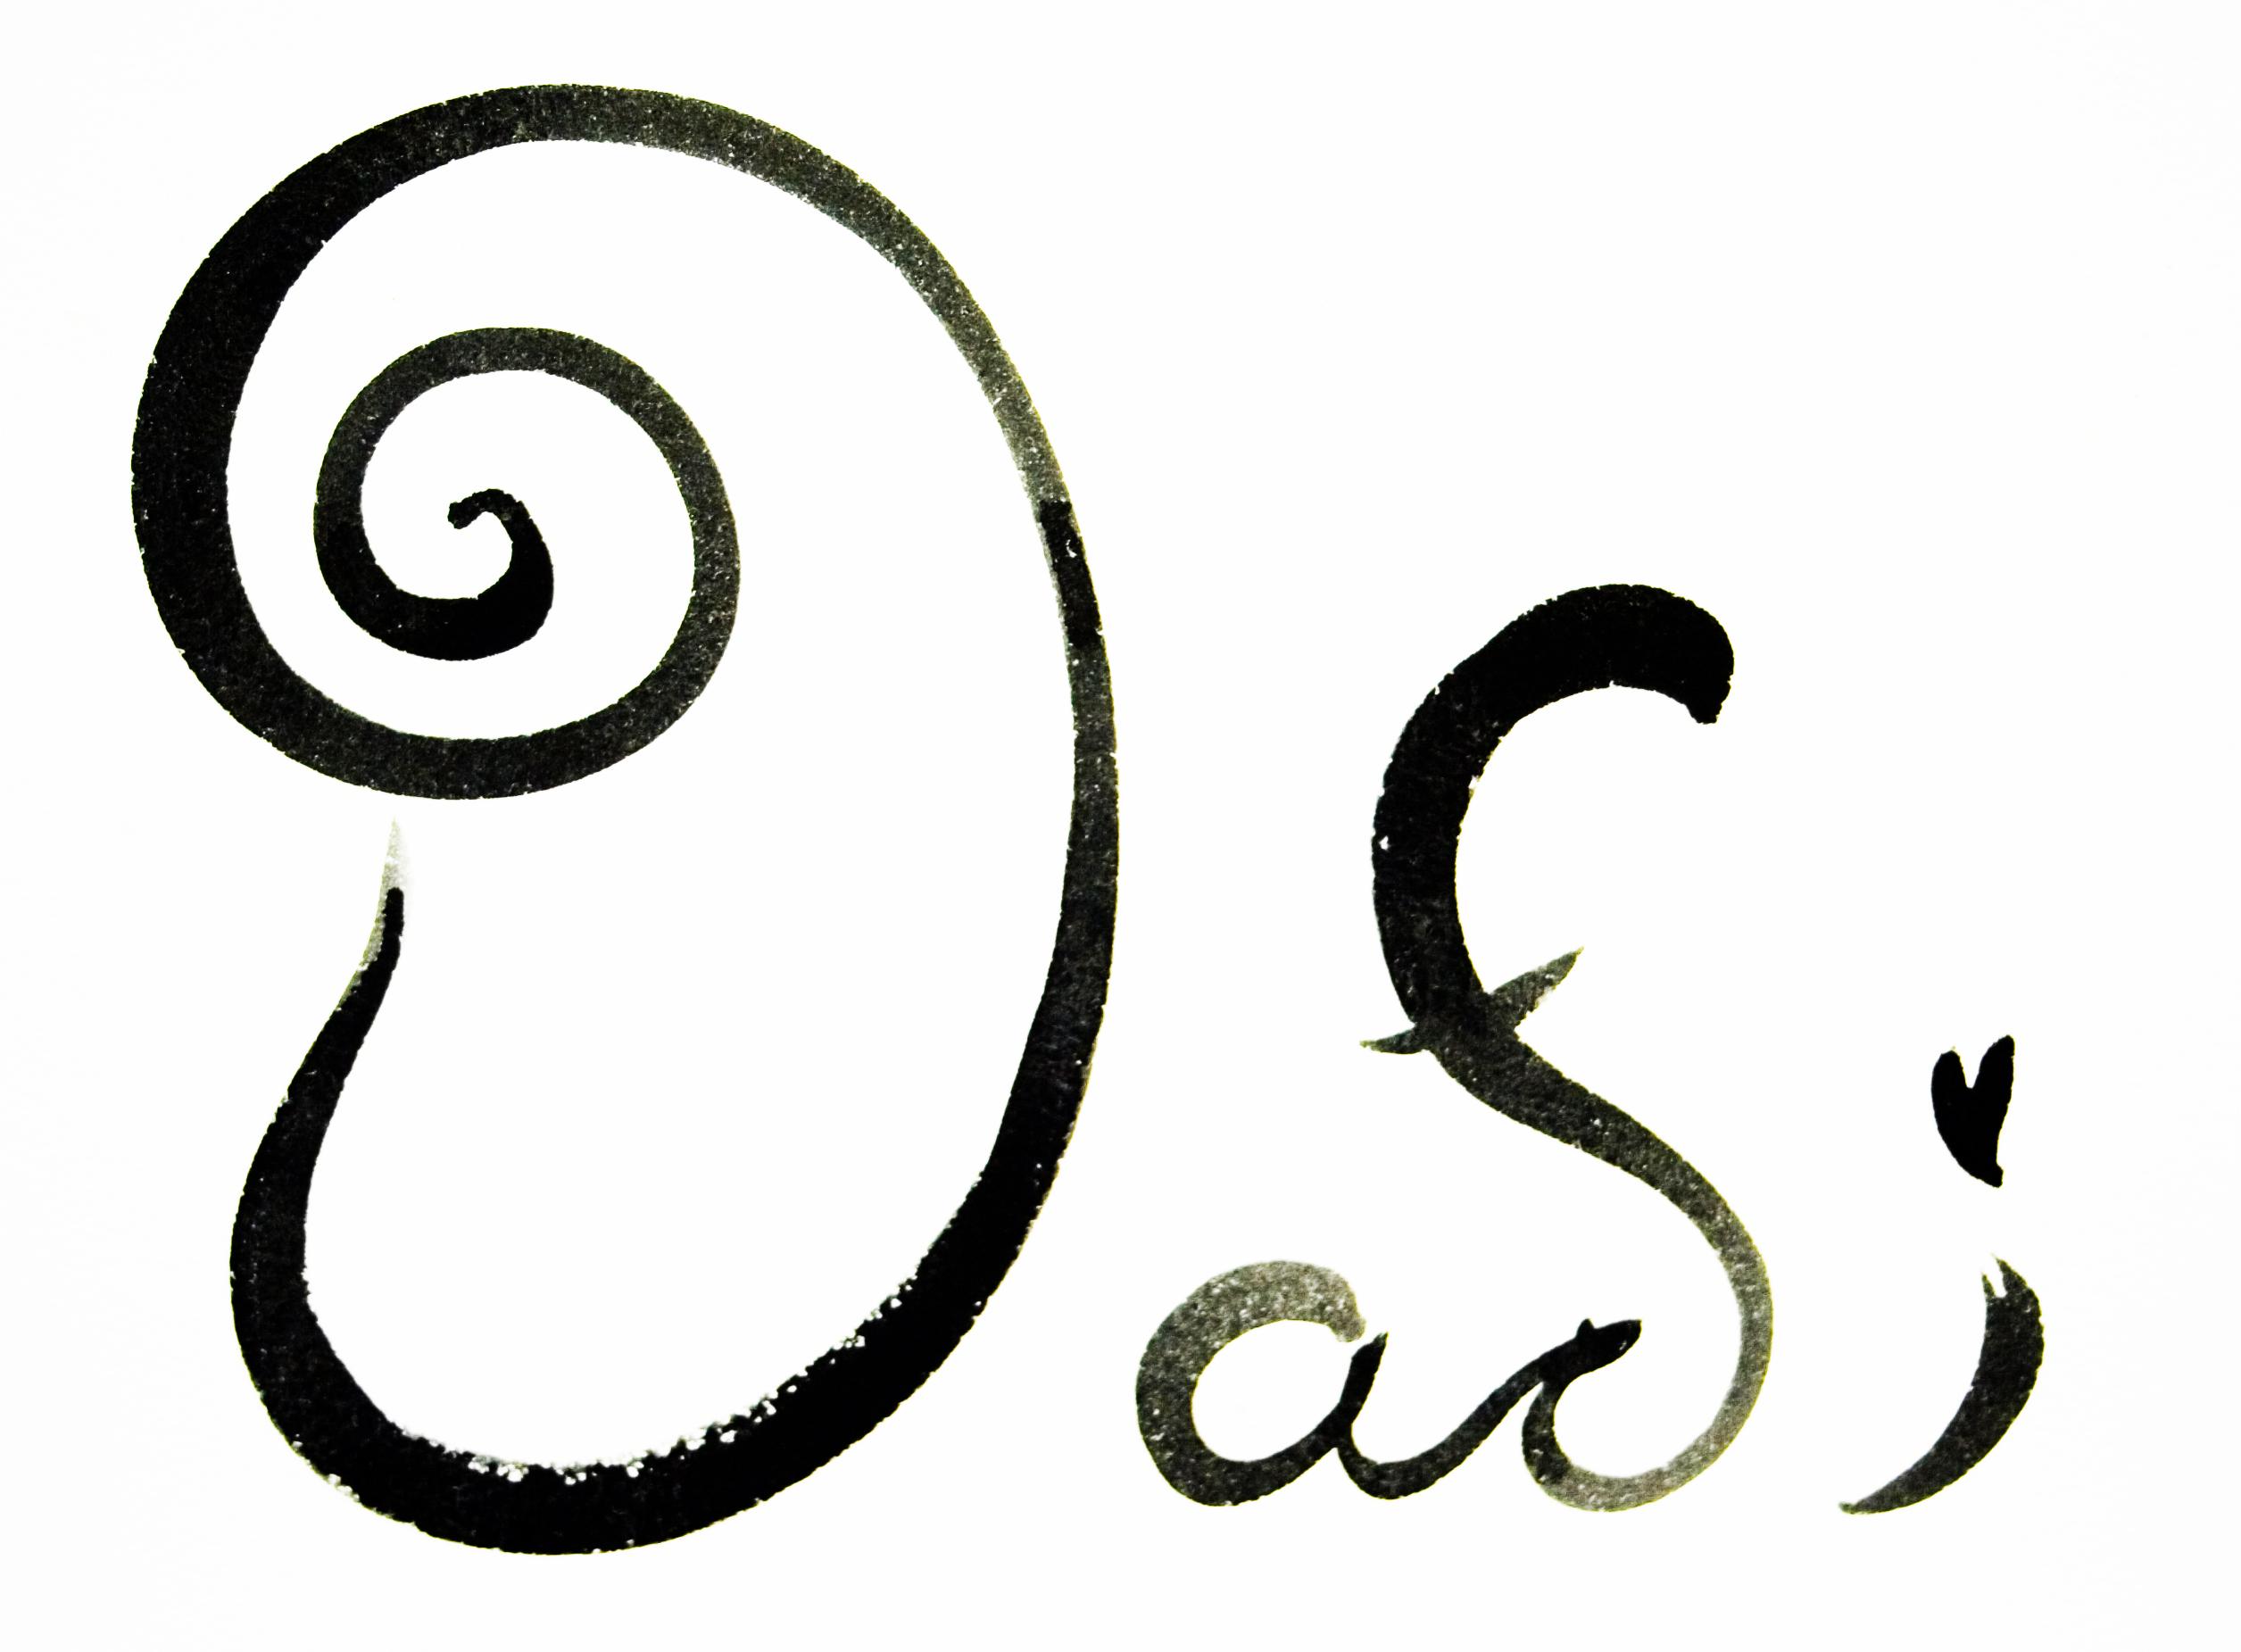 Dadi Gudbjornsson's Signature